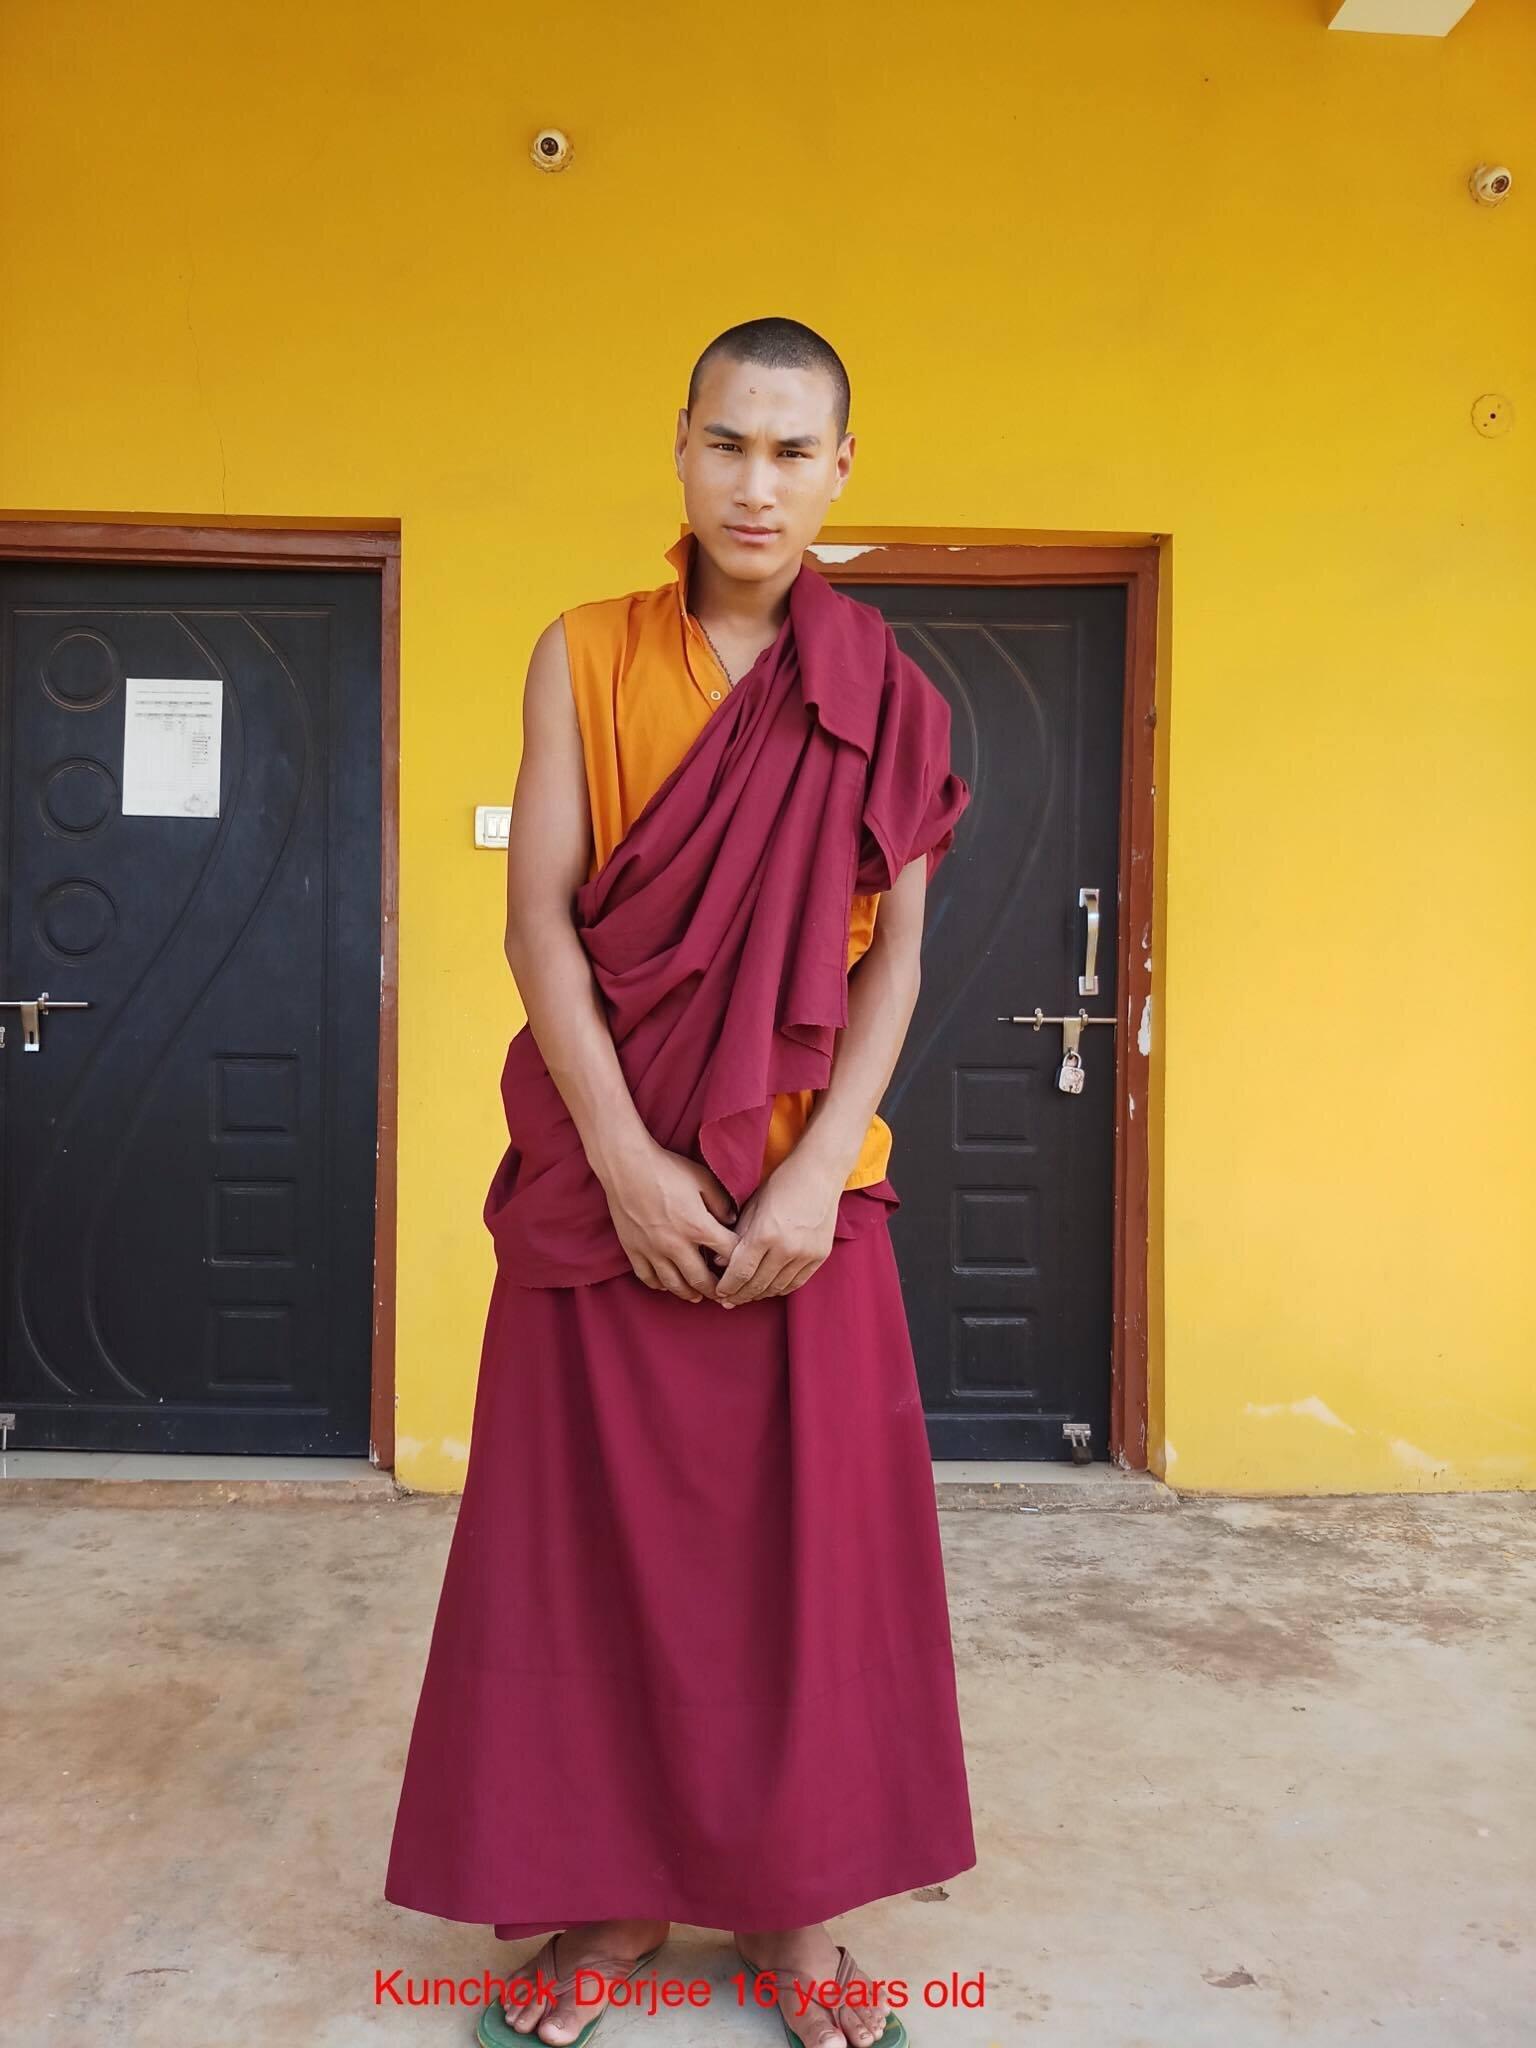 Monks_Kunchok_Dorjee_16yrs_old.jpg